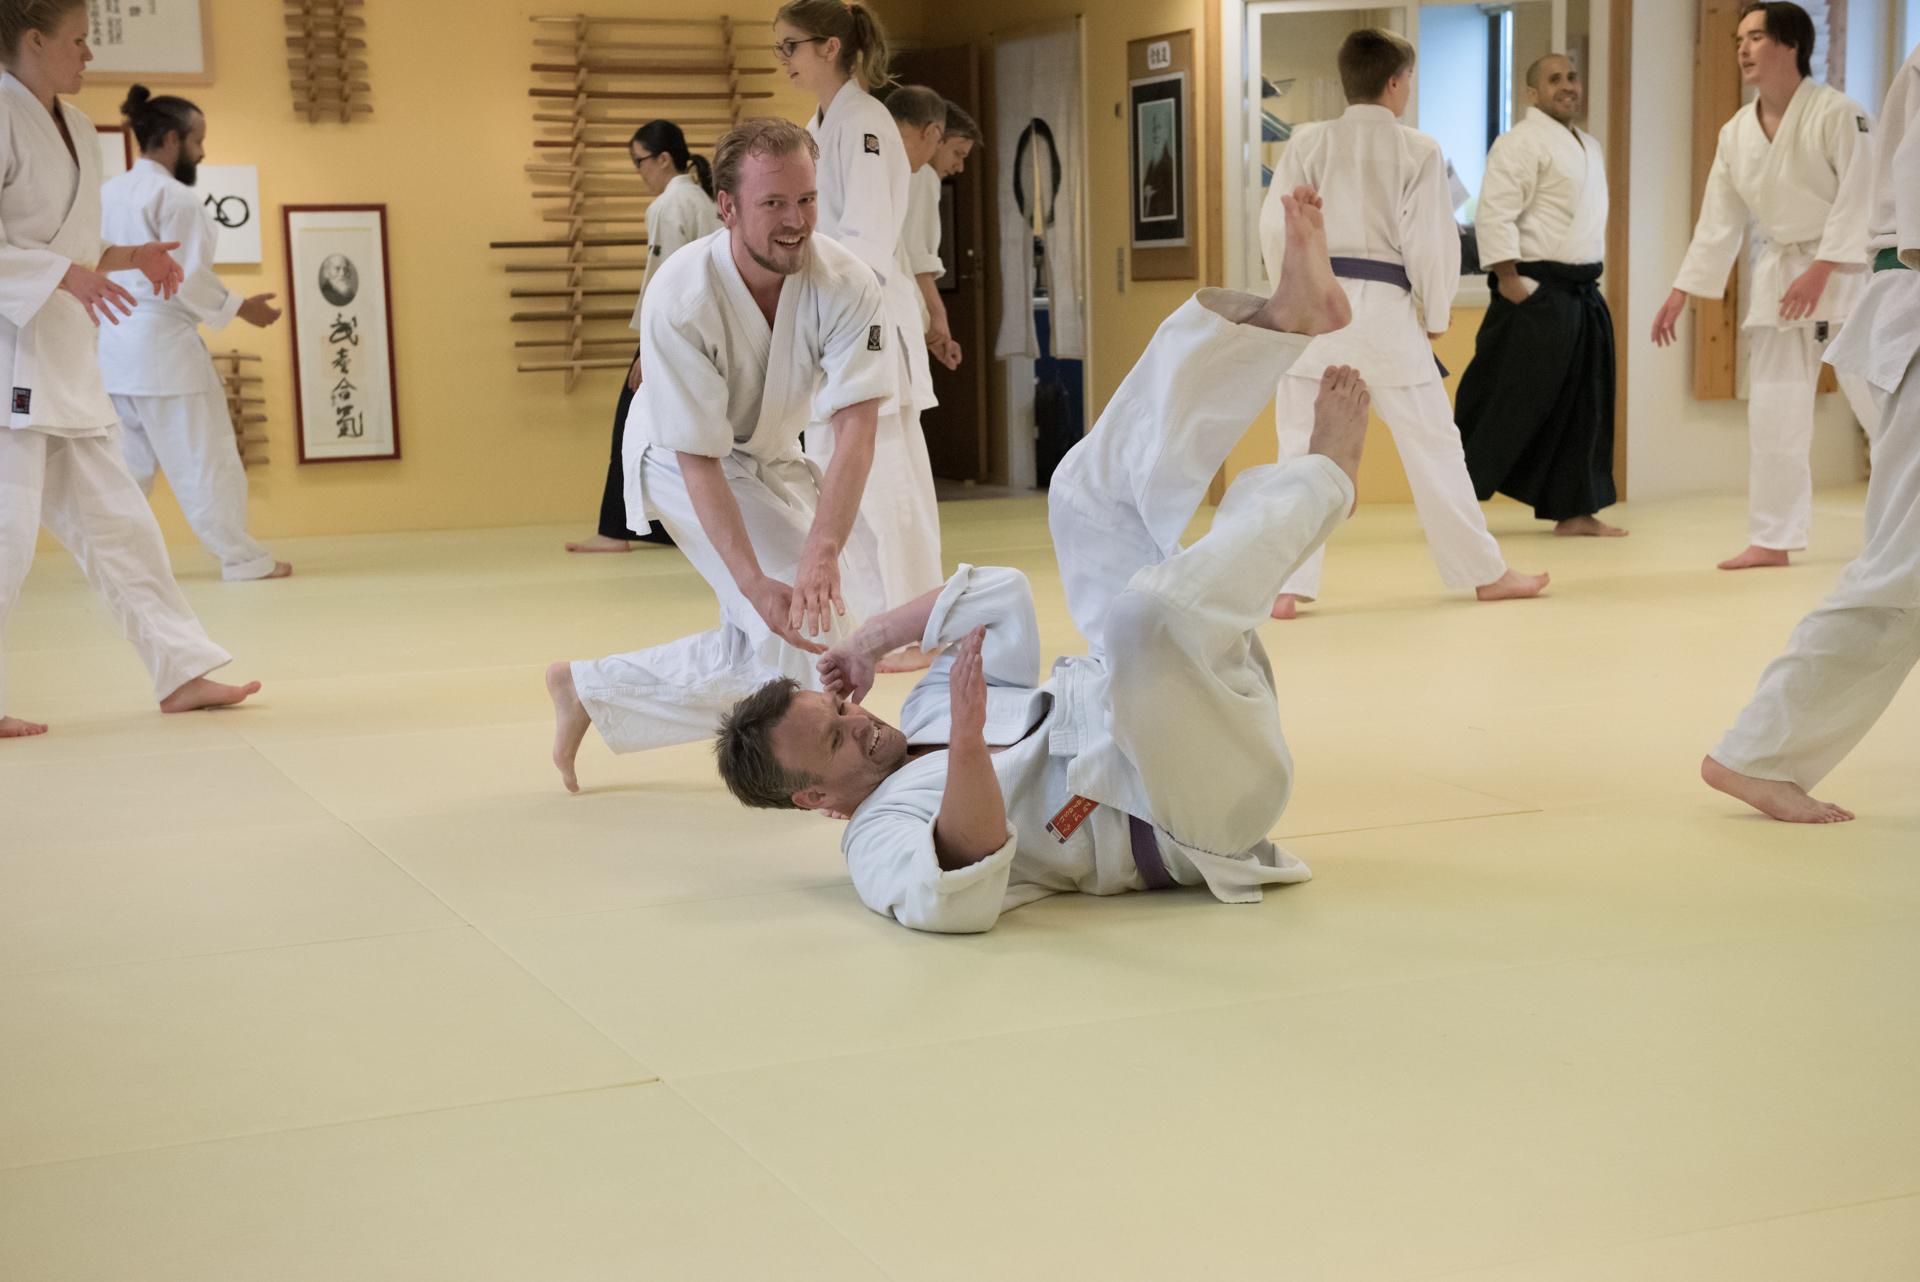 Aikido hele ugen - Der er rig mulighed for at træne aikido i Reishin Dojo.